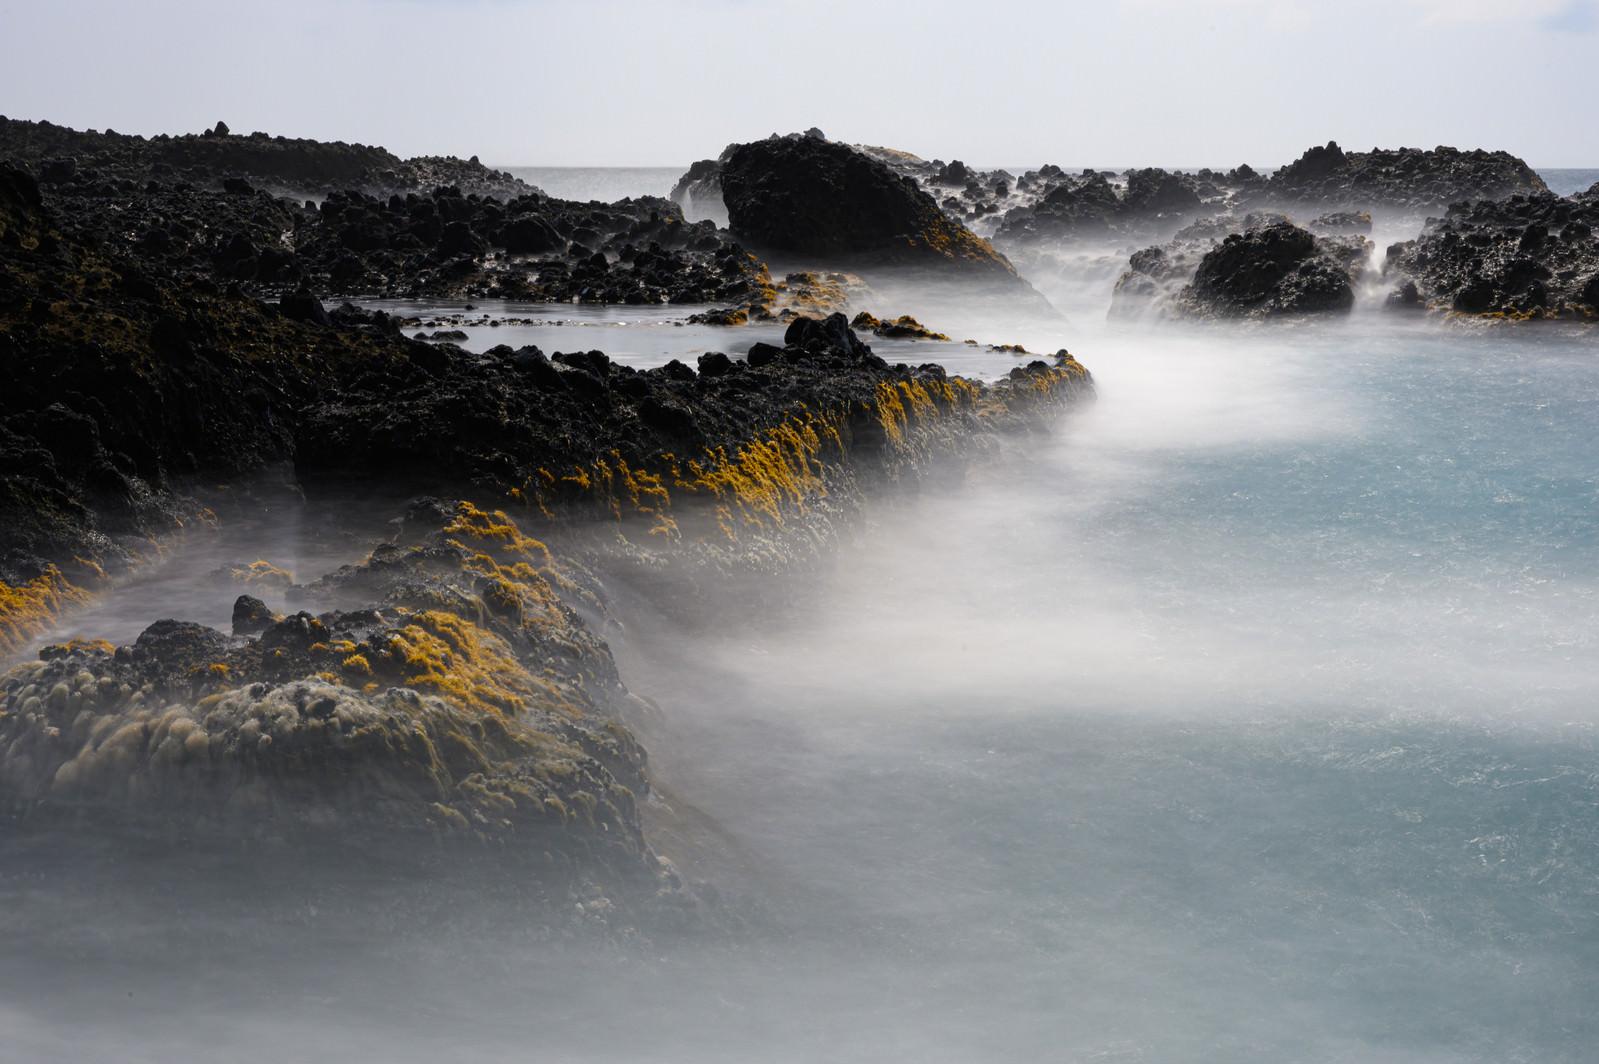 「岩礁に迫る波打ち際の様子(北海道積丹町出岬町)」の写真